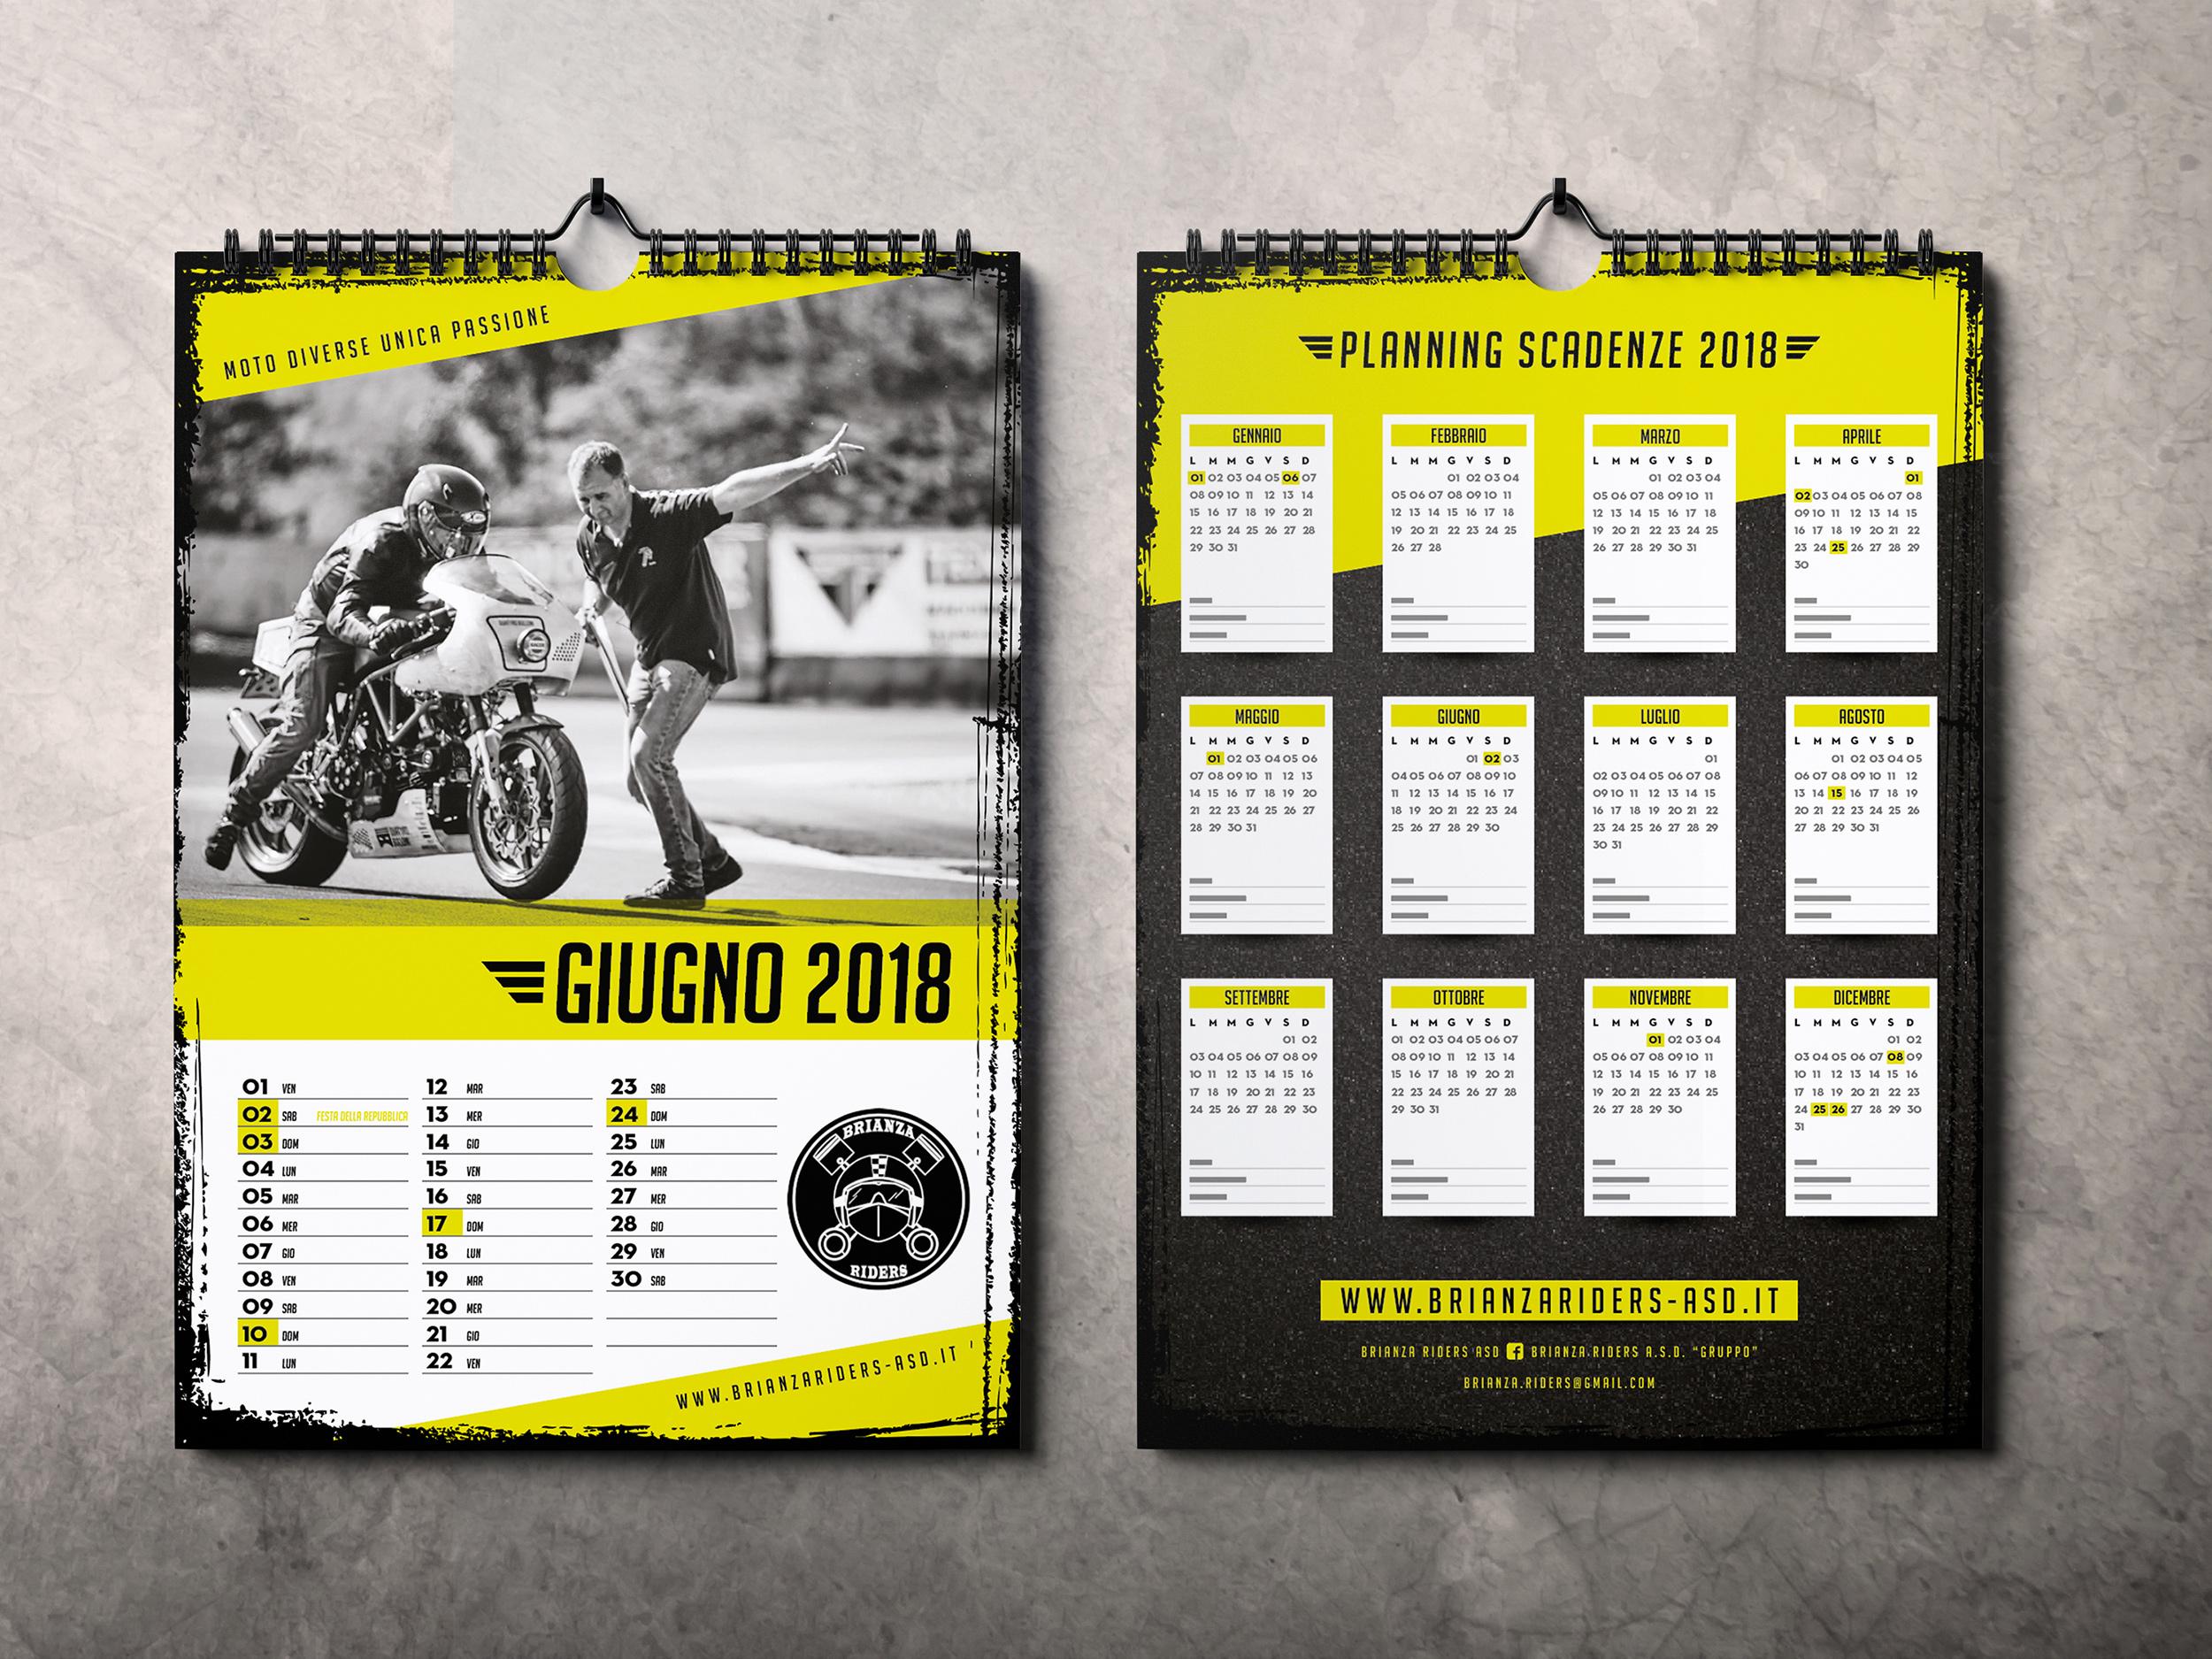 Calendario da muro A3 Brianza Riders